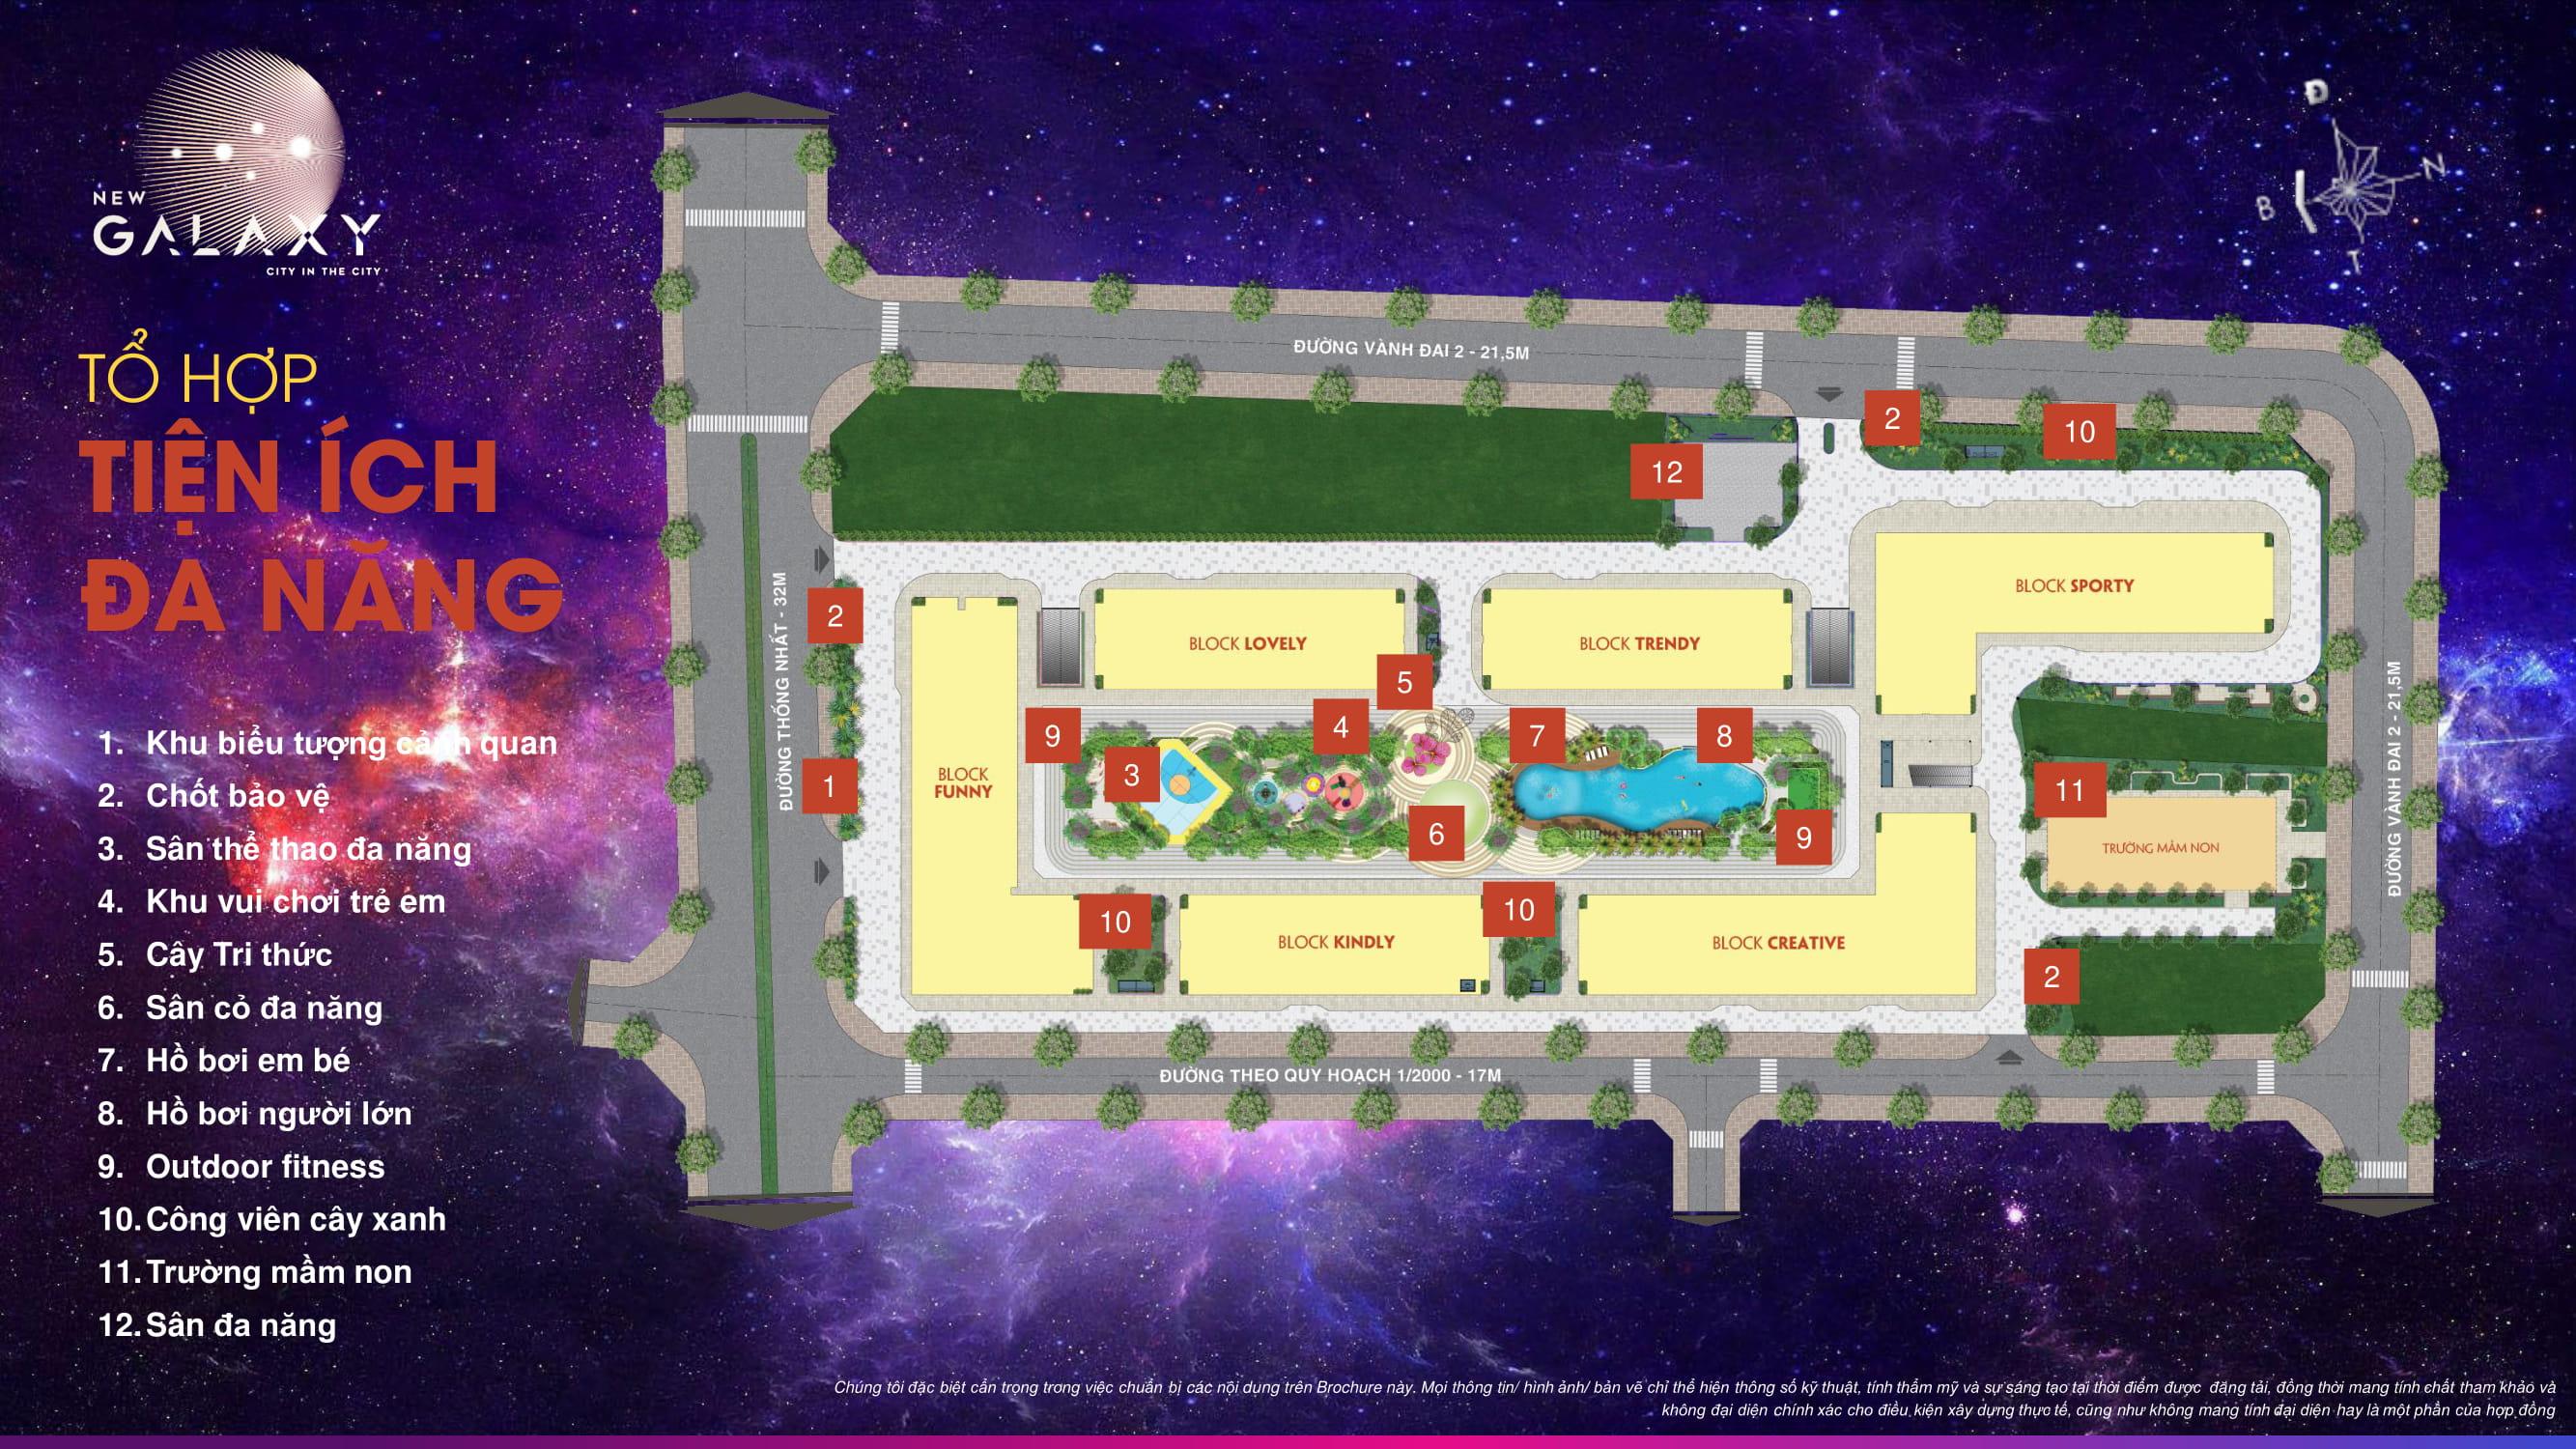 Tổng thể tiện ích nội khu dự án căn hộ New Galaxy